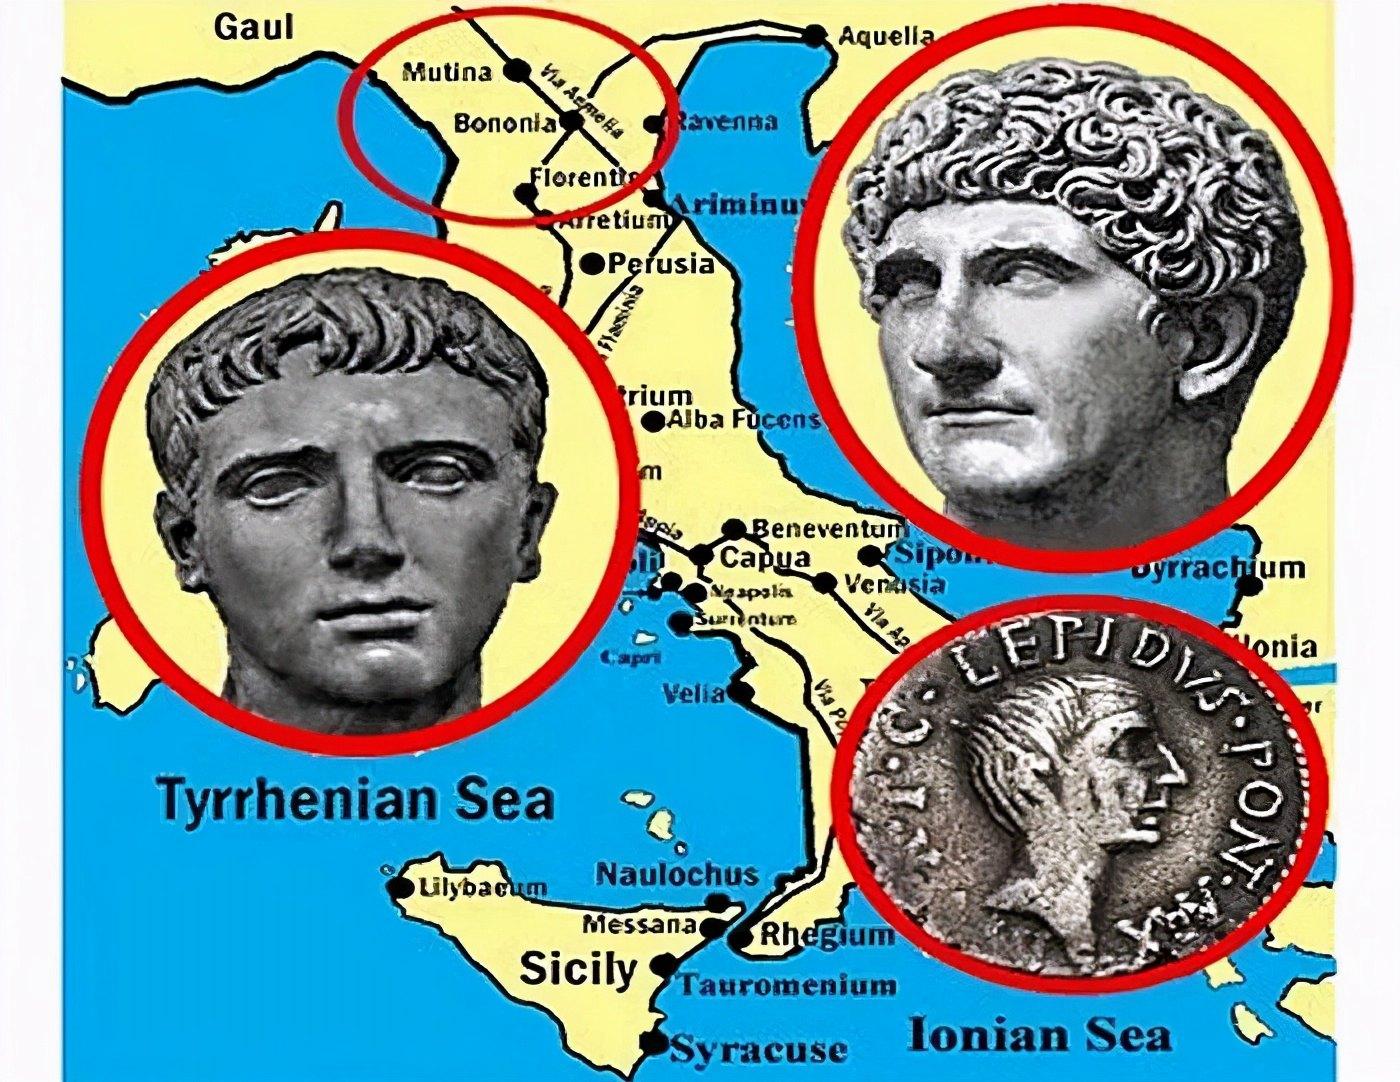 那罗霍斯岬角战役经过 罗马共和派的覆灭